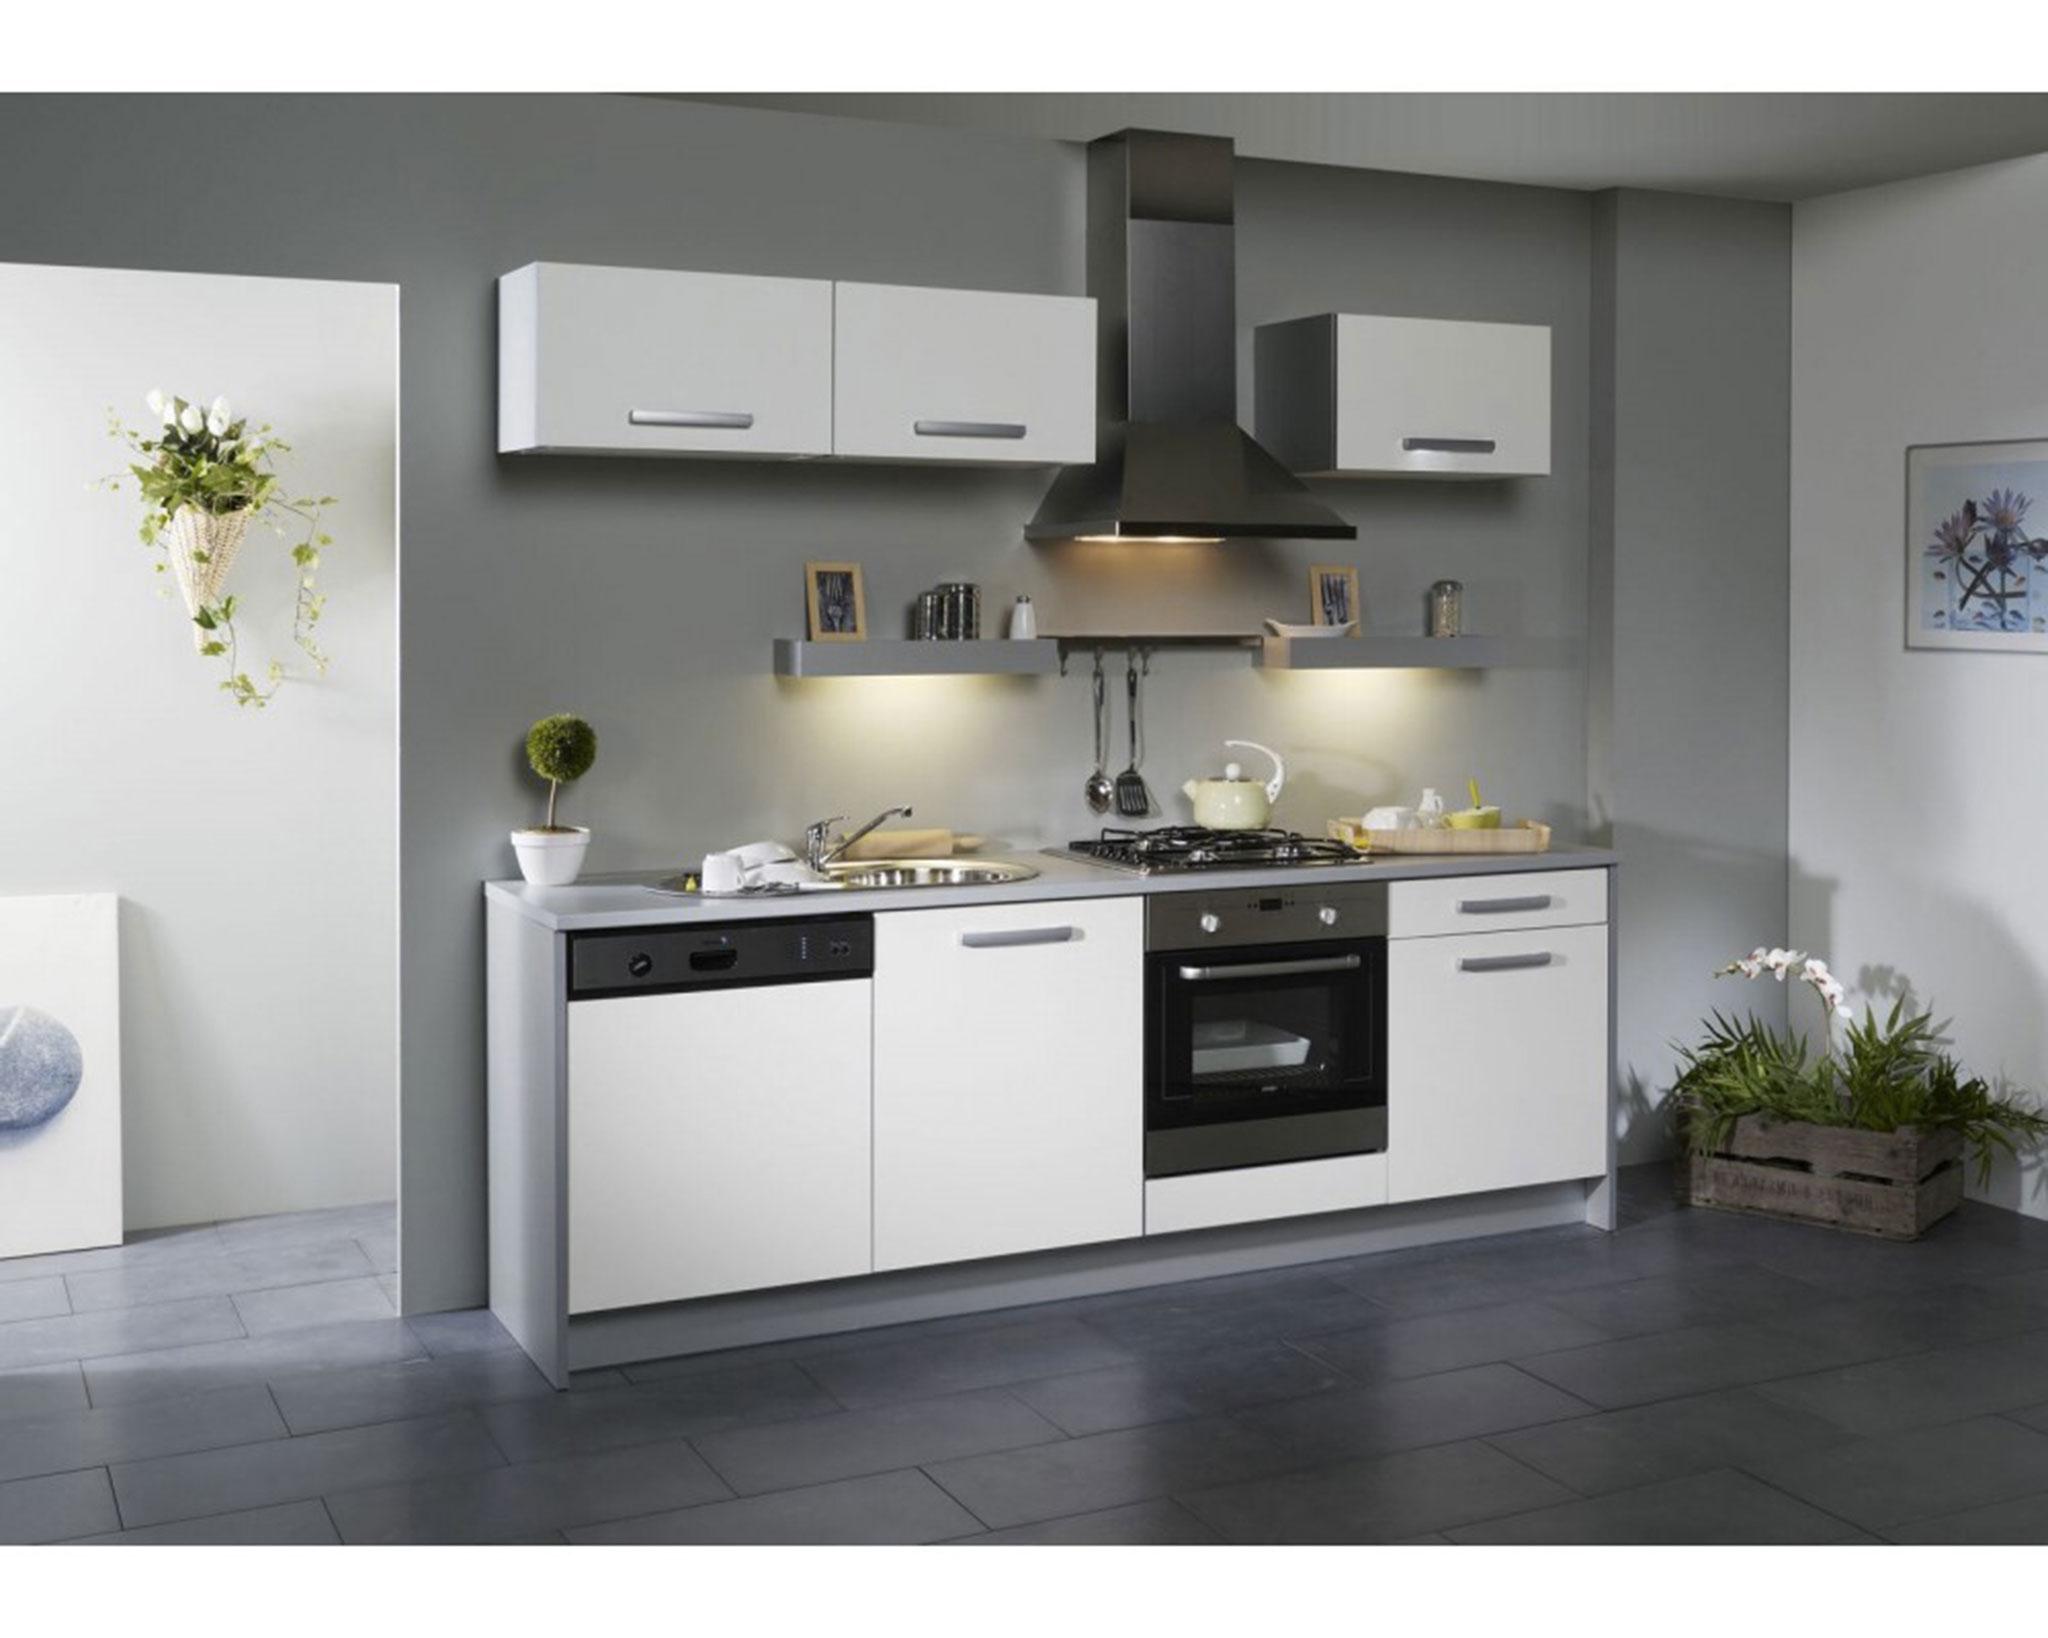 Meuble cuisine noir mat pas cher - Idée pour cuisine